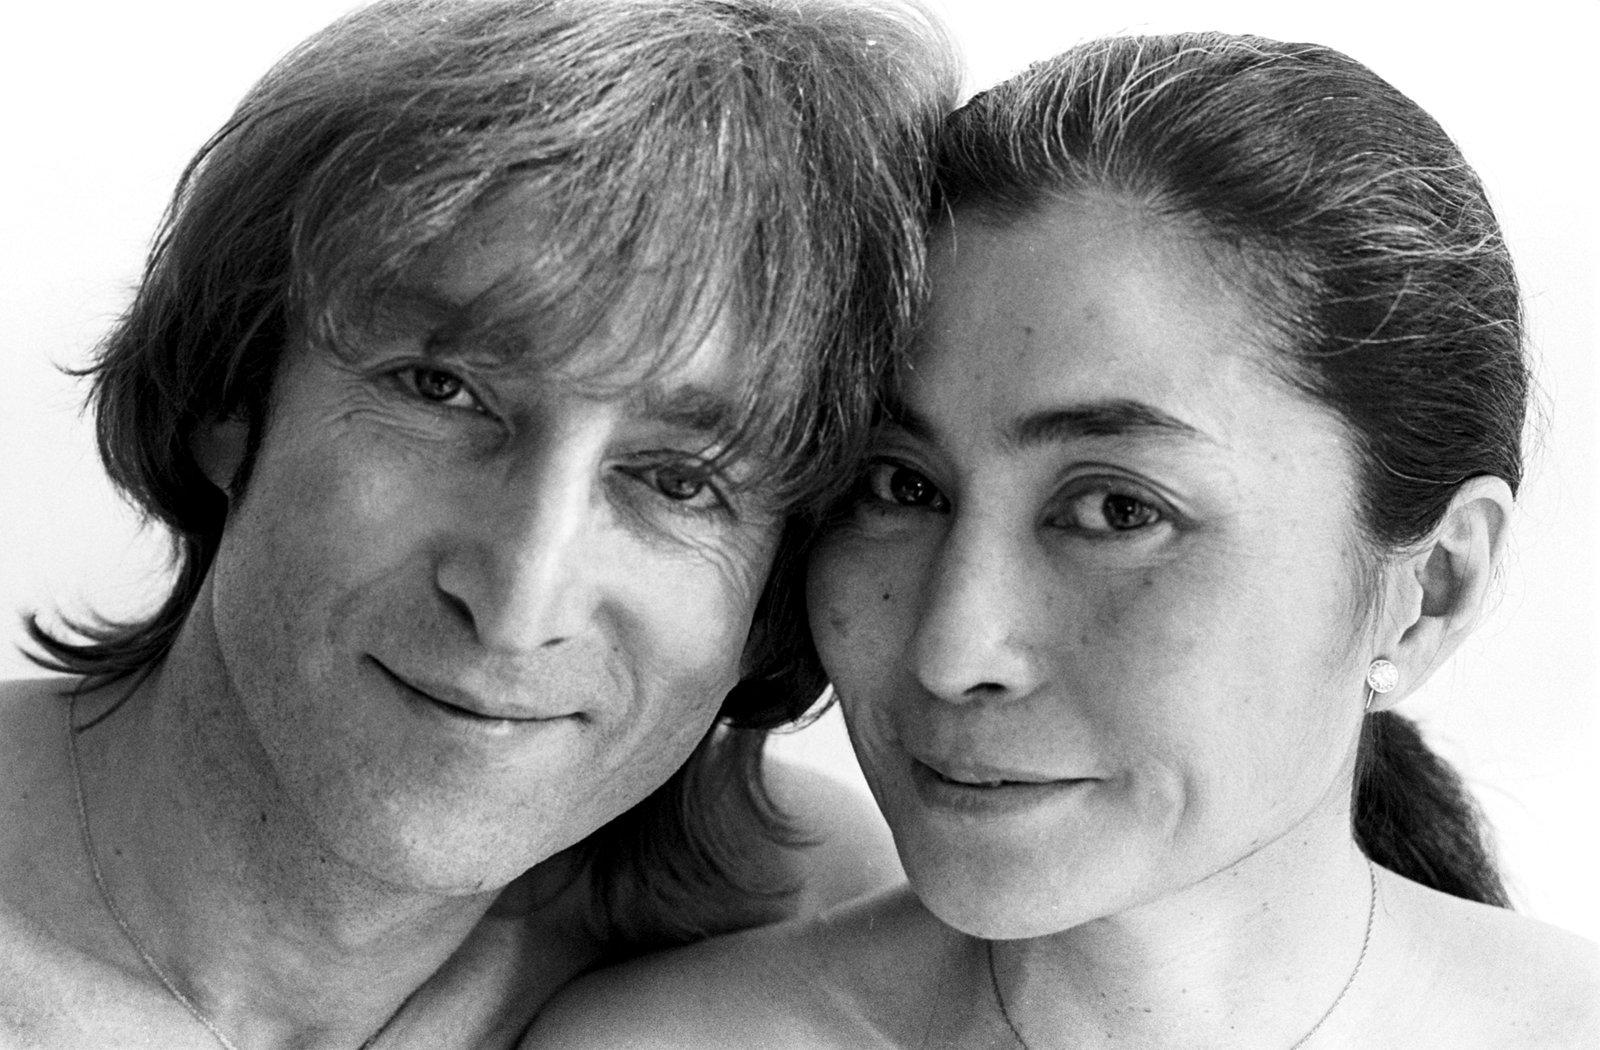 семейная мать джон леннон фото с женой можно